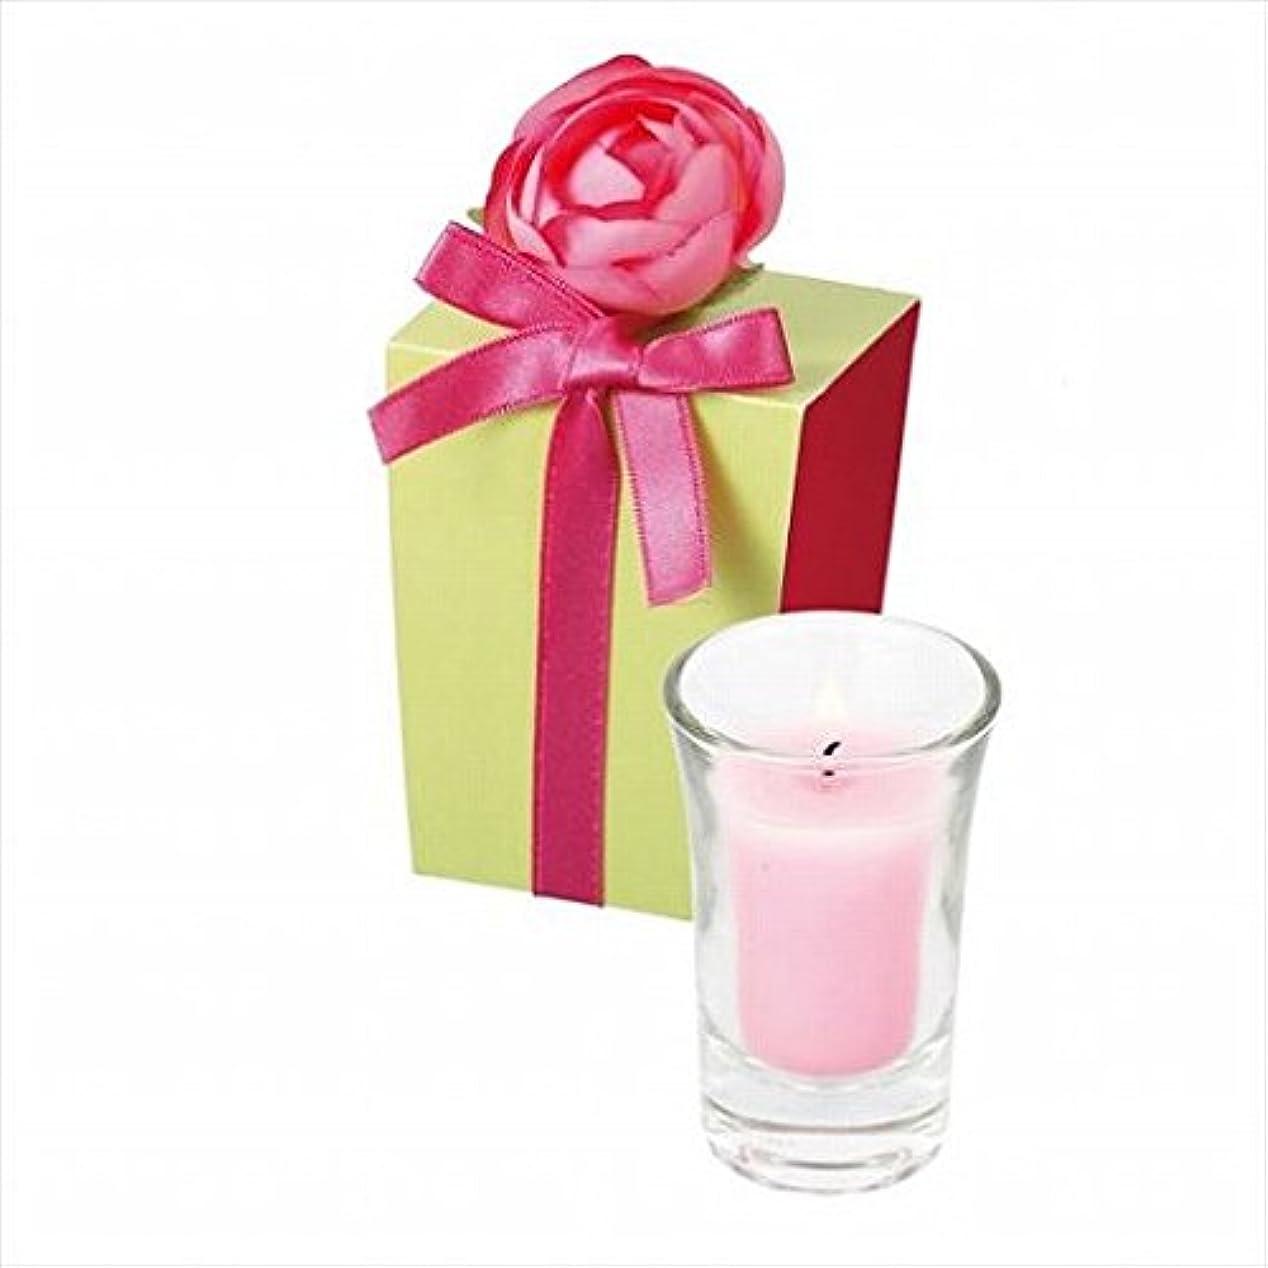 オペレーターテーブルを設定する着服kameyama candle(カメヤマキャンドル) ラナンキュラスグラスキャンドル 「 ピンク 」(A9390500PK)